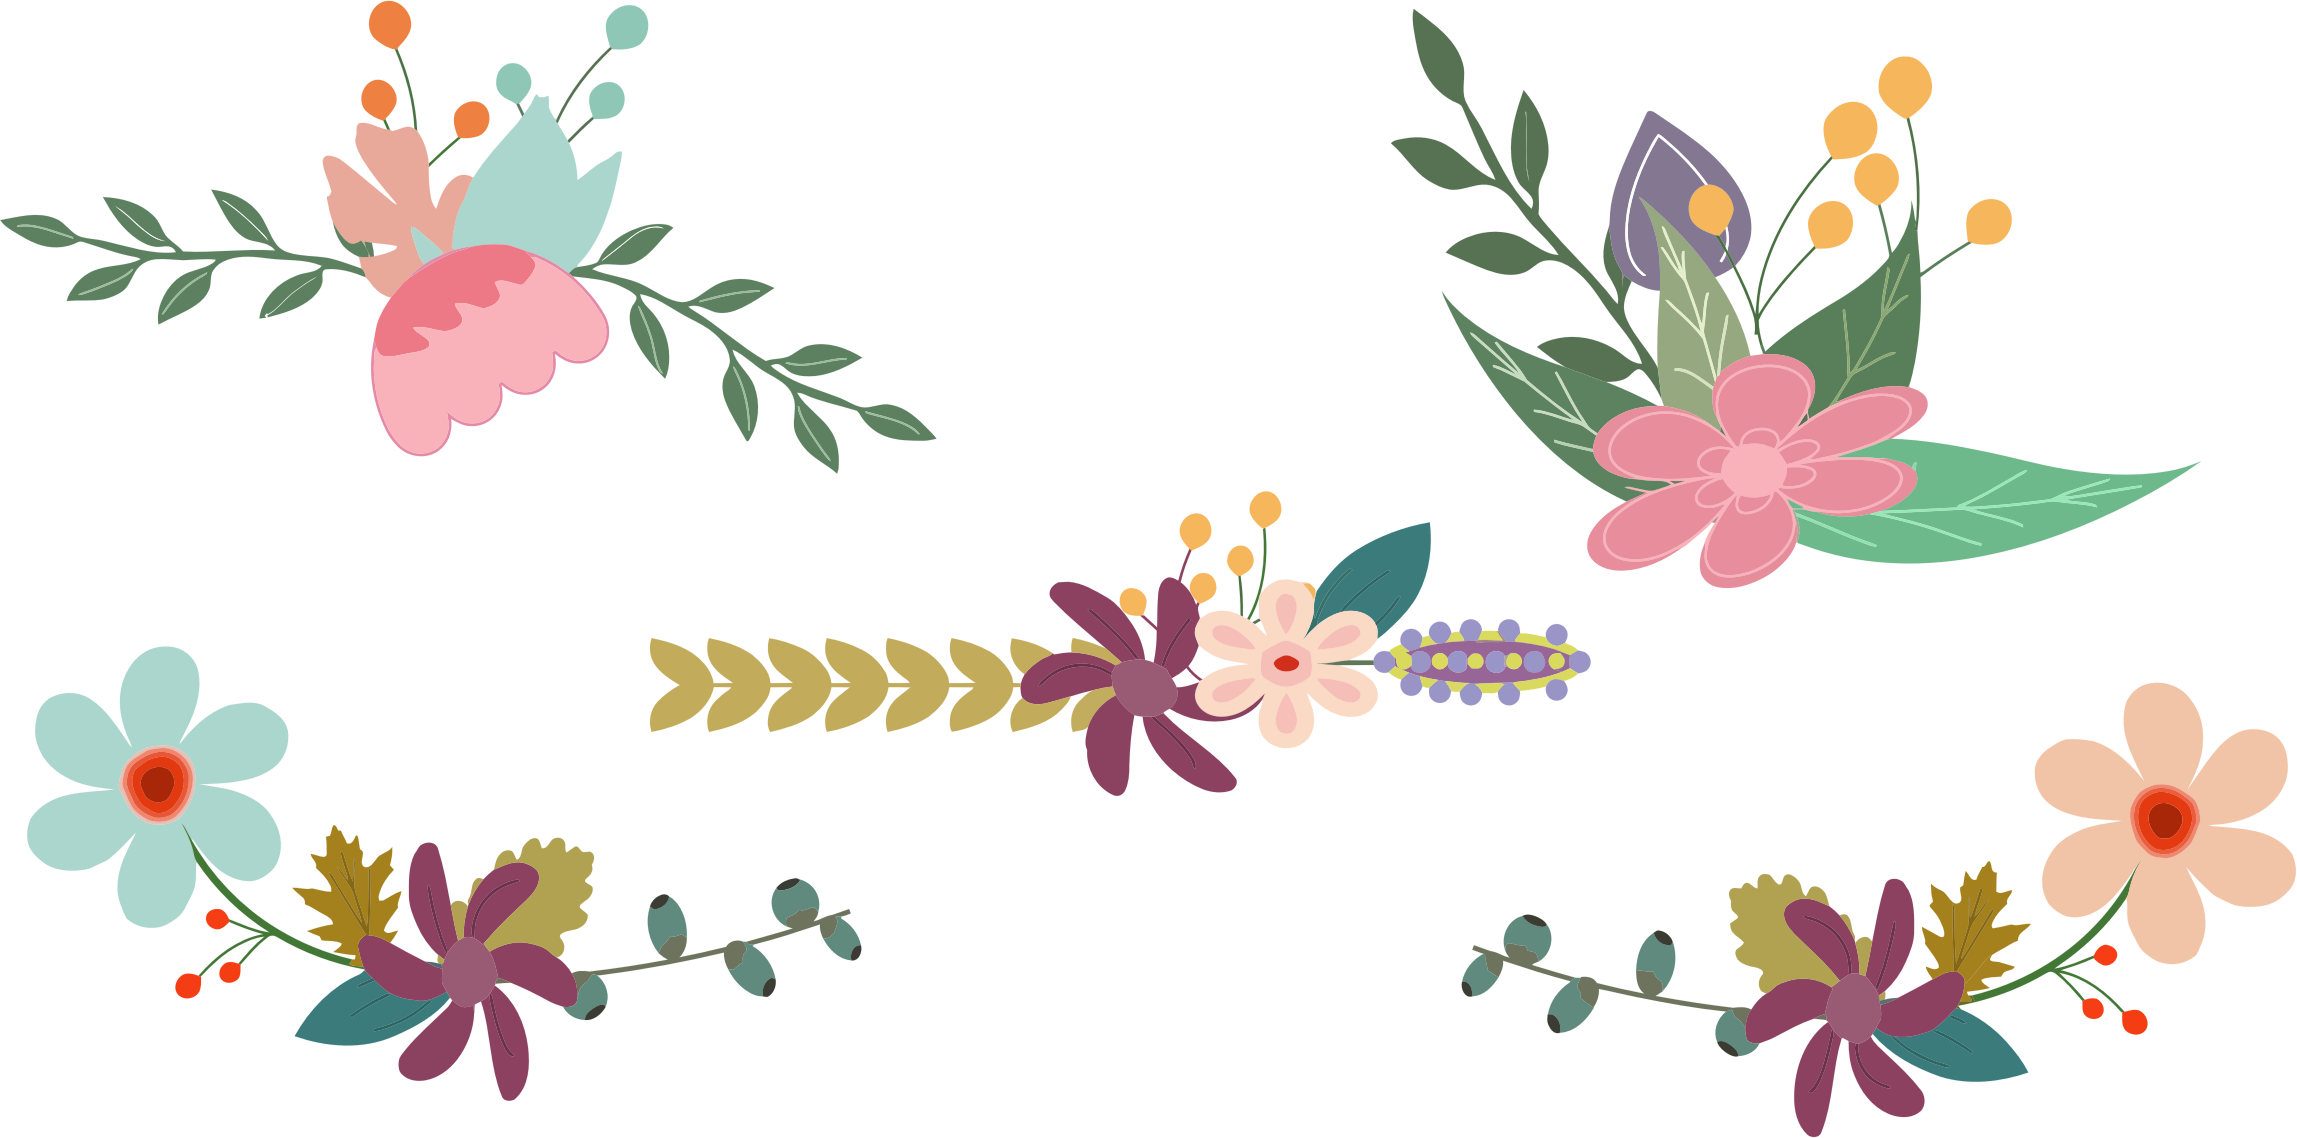 Floral images clipart graphic transparent library Vintage flower clipart png - ClipartFest graphic transparent library